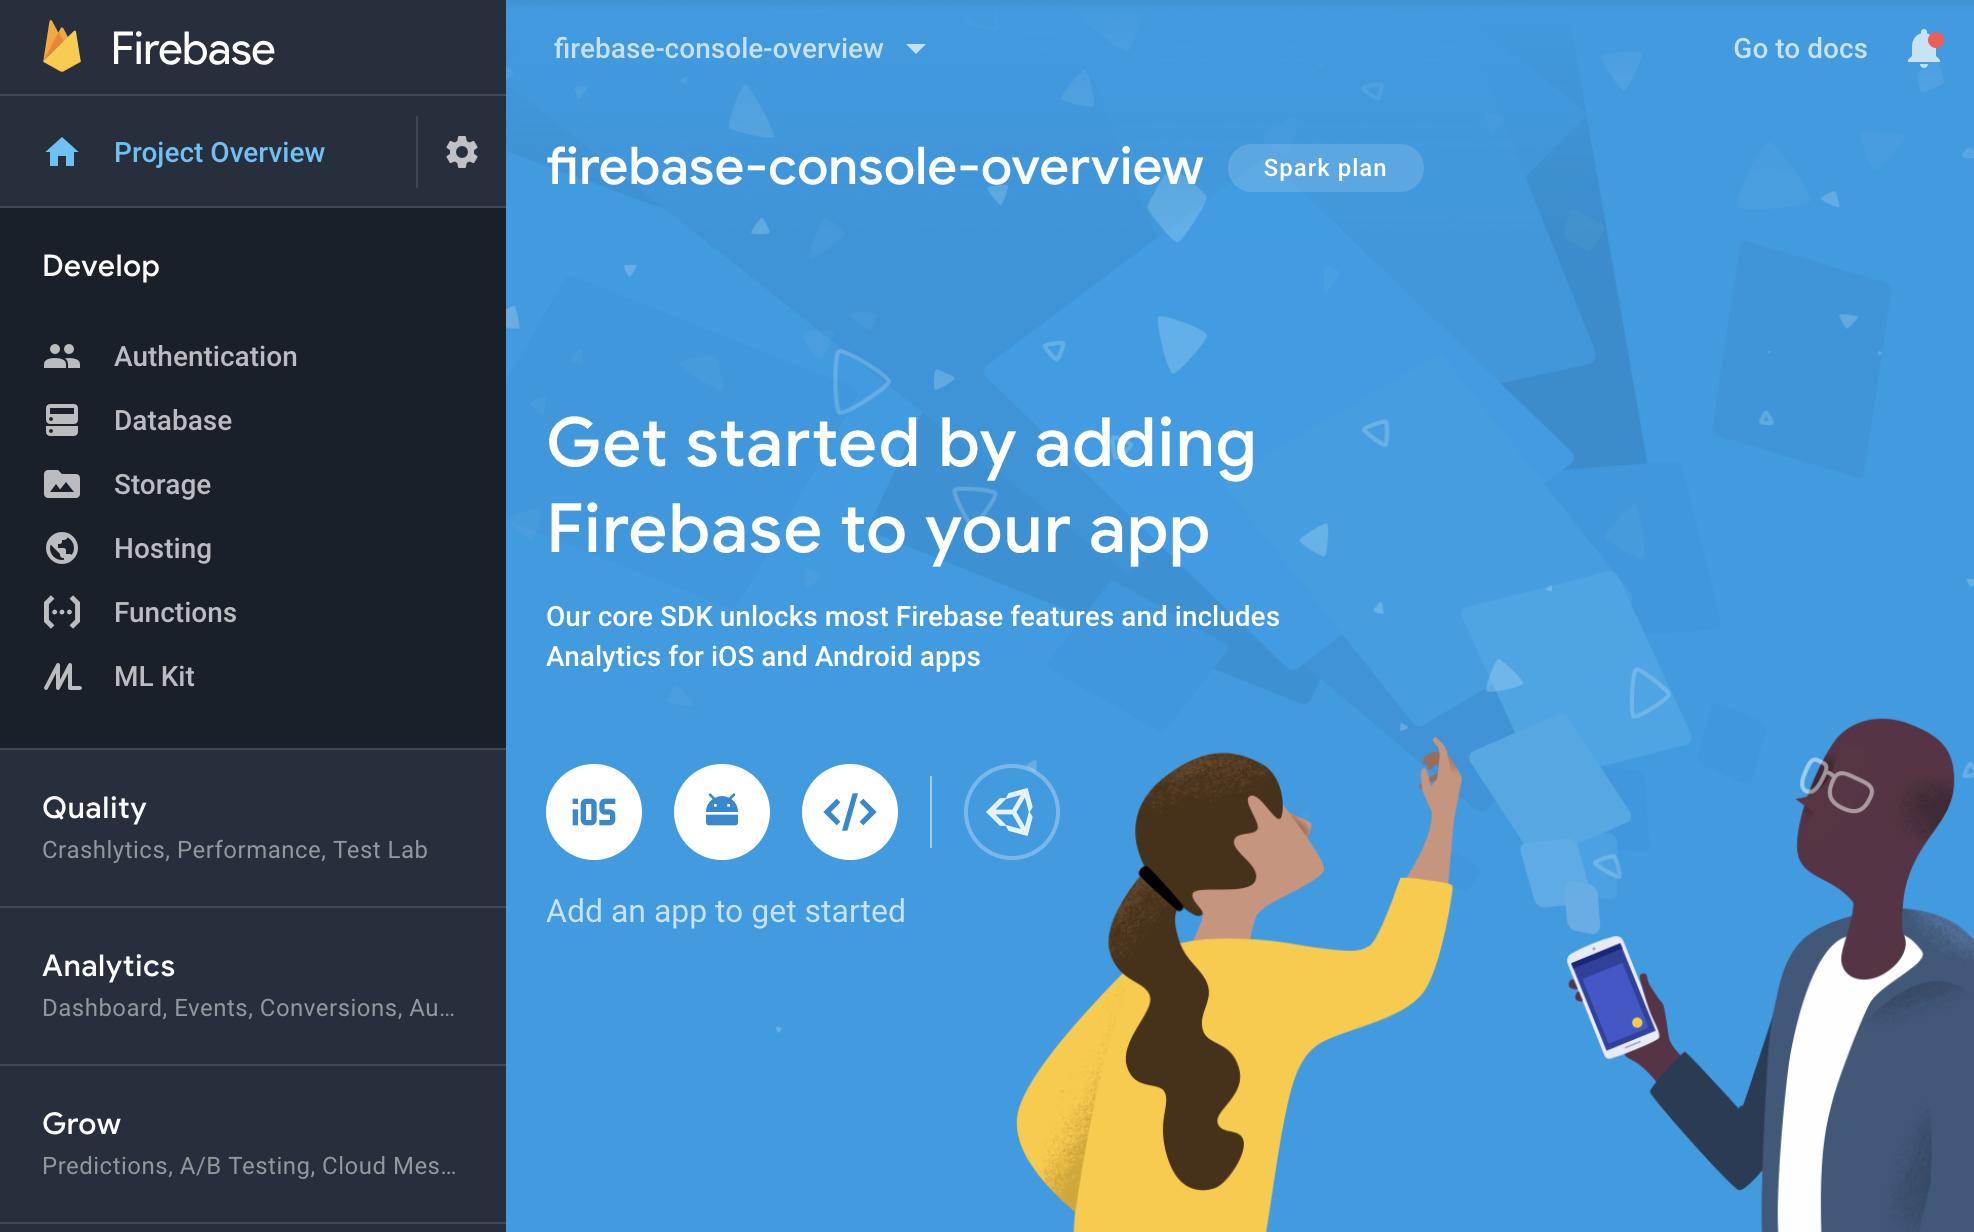 Firebase 控制台 - 項目概覽屏幕